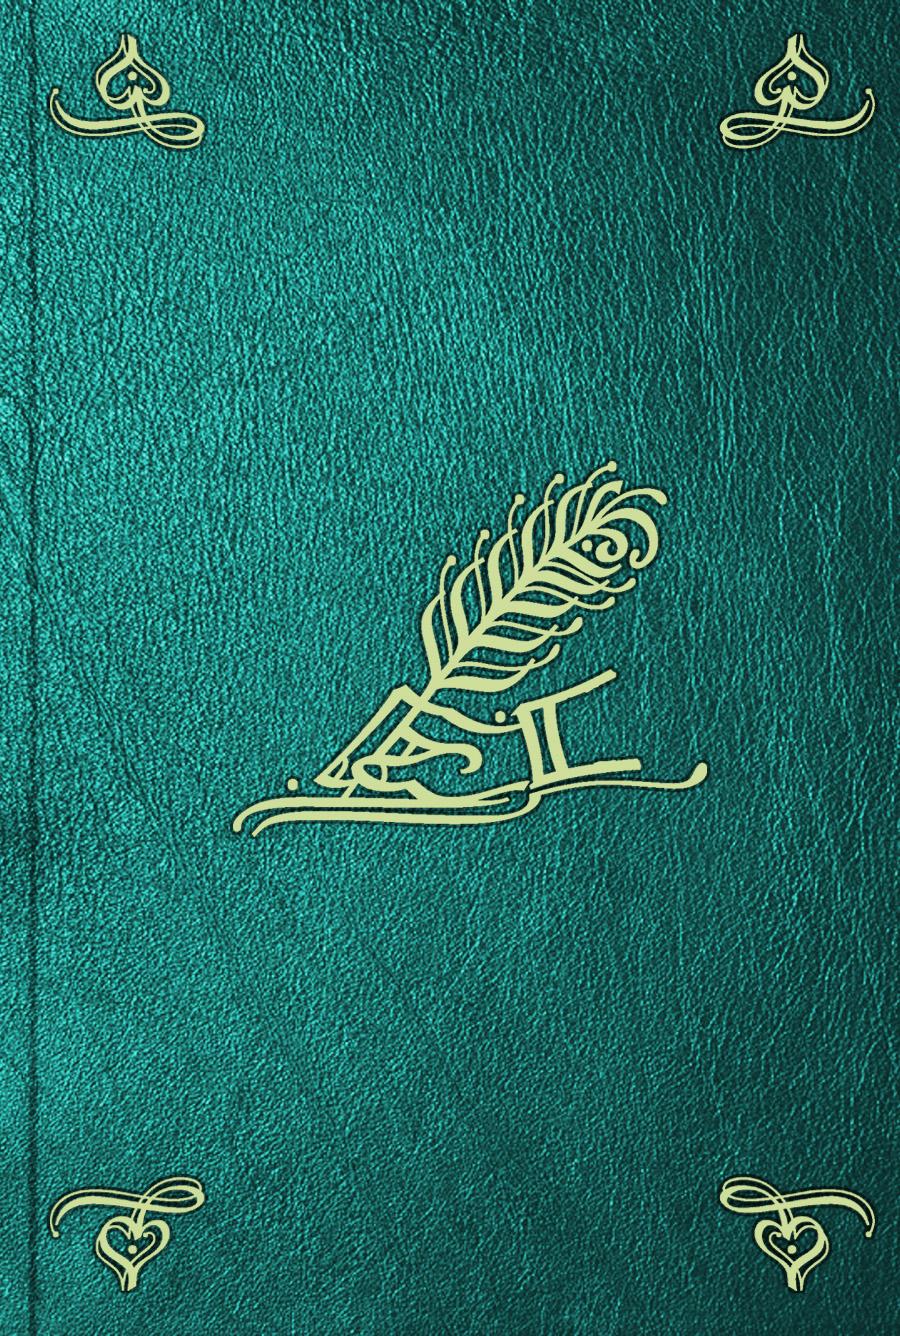 Antoine Claire Thibaudeau Memoires sur la Convention, et le Directoire. T. 2 ross